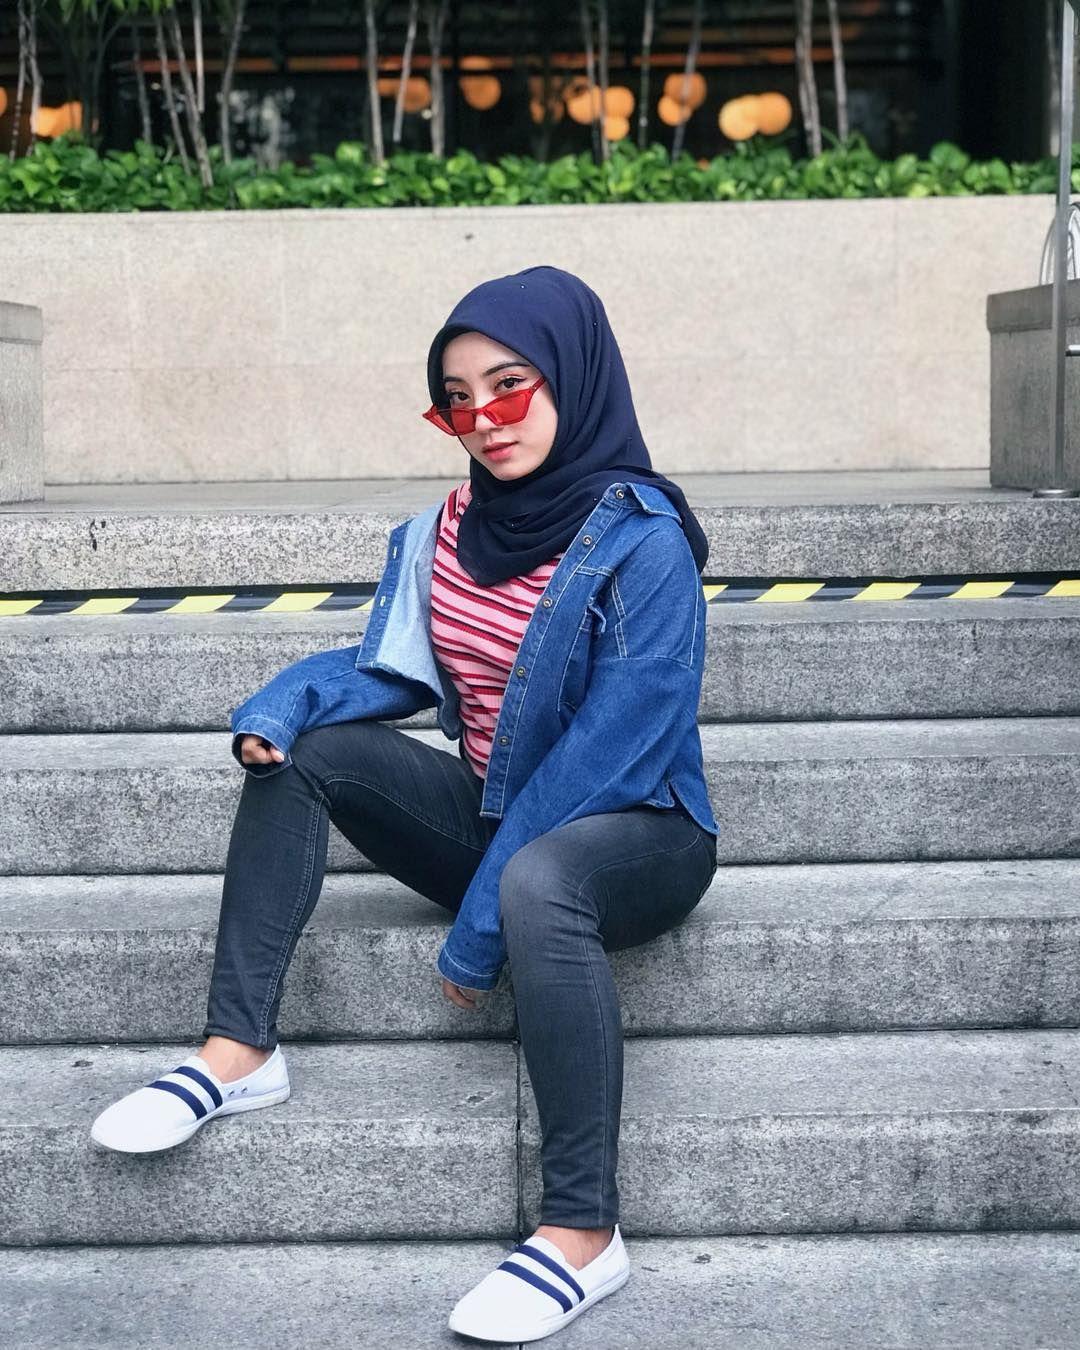 Aisyah Yaakub Di Instagram Awk Tahu Tak Ape Beza Awk Dengan Bunga Bunga Hiasi Halaman Rumah Awk Menghiasi Hati Saye Girl Hijab Hijab Fashion Fashion